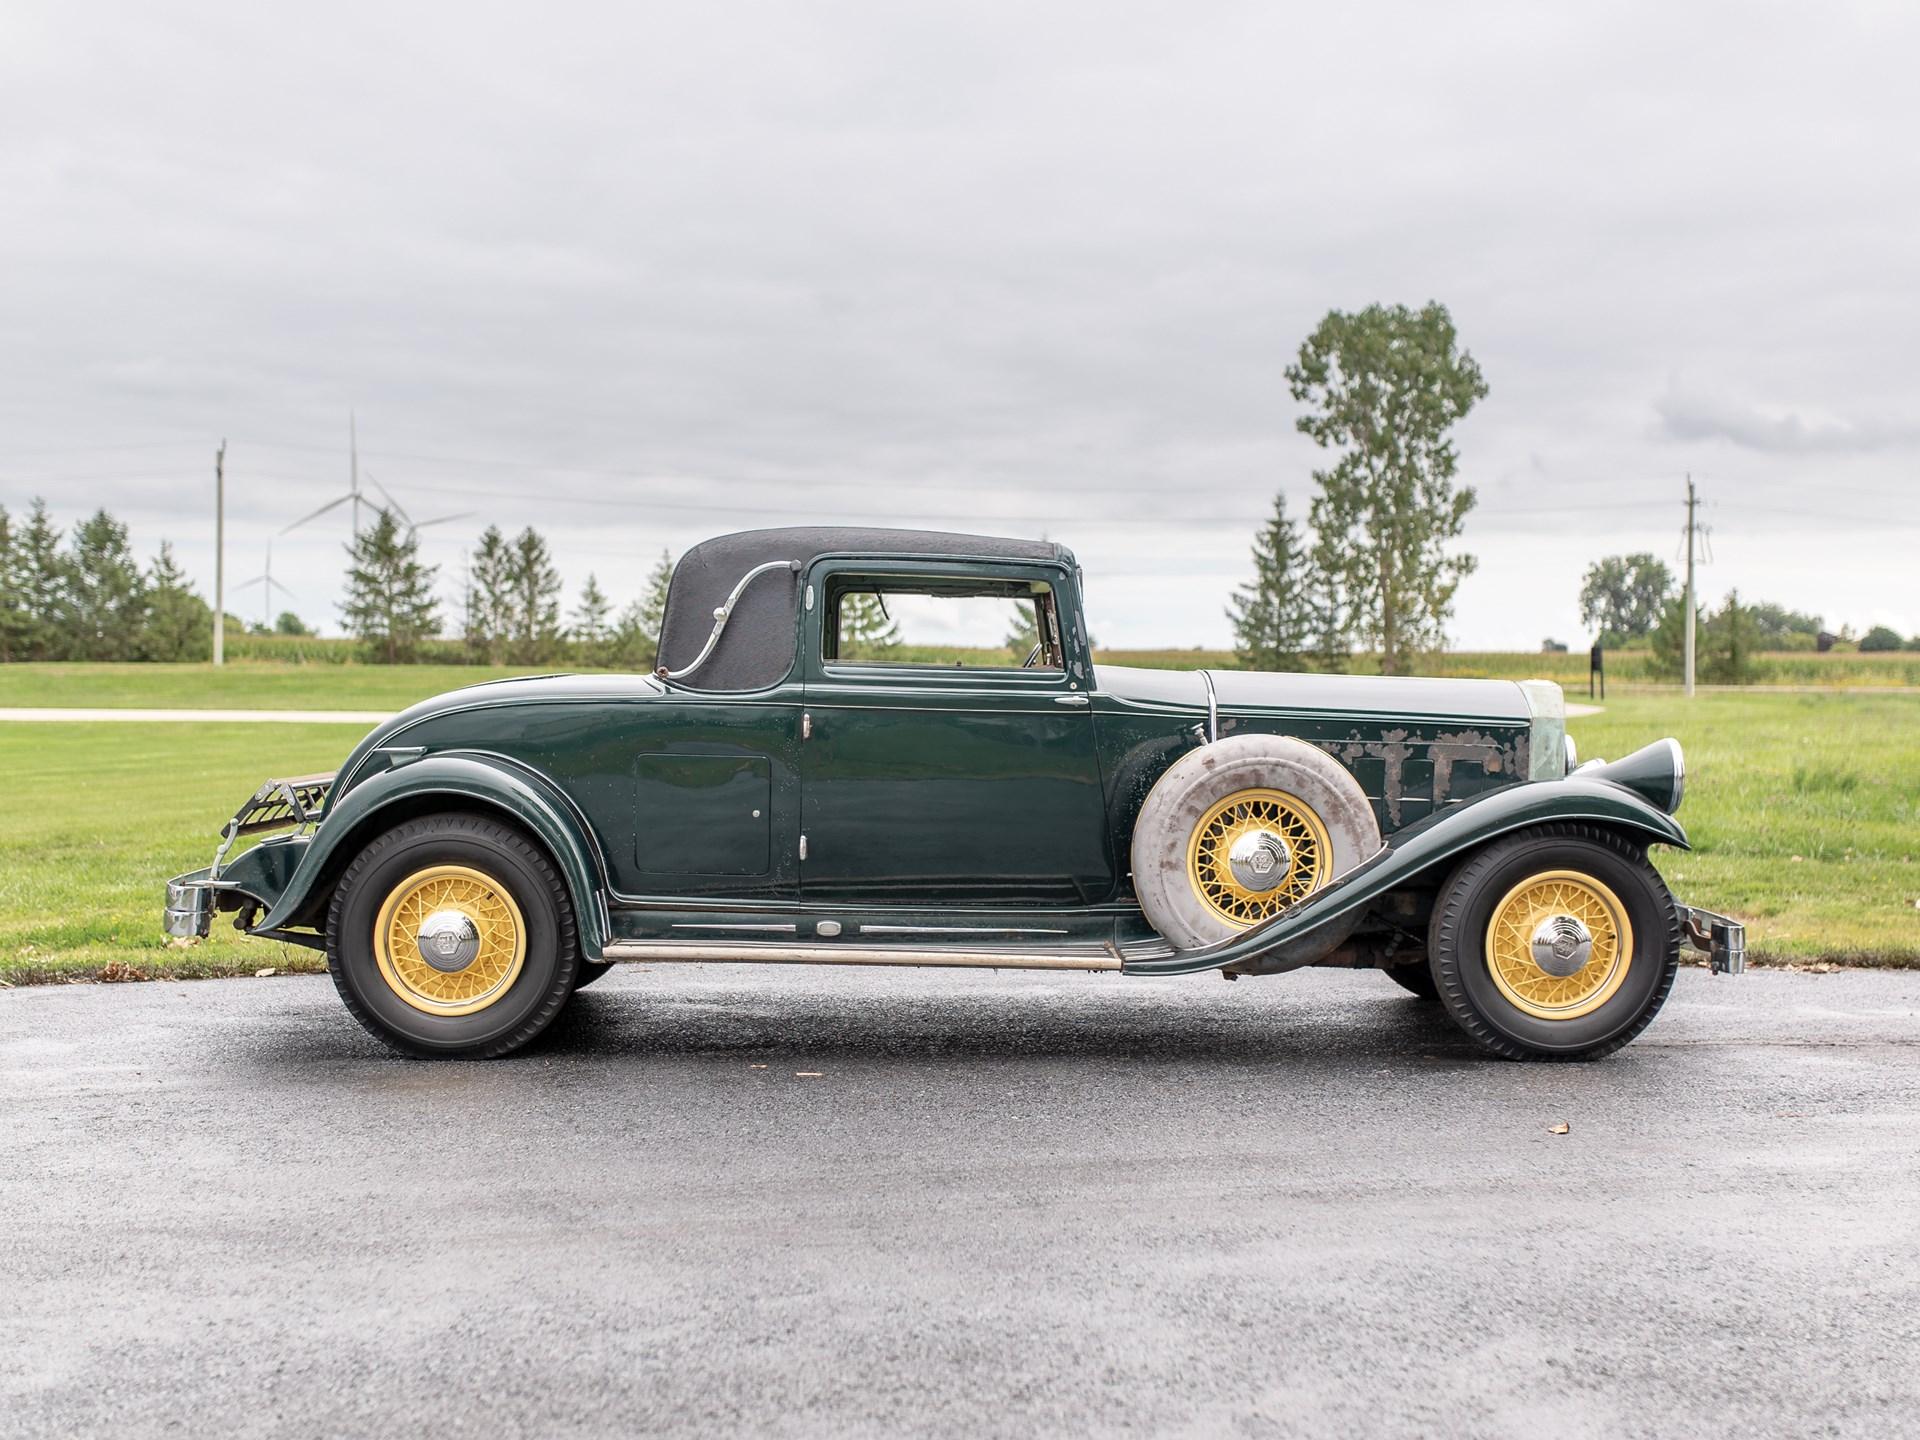 1932 Pierce-Arrow Model 51 Sport Coupe by LeBaron